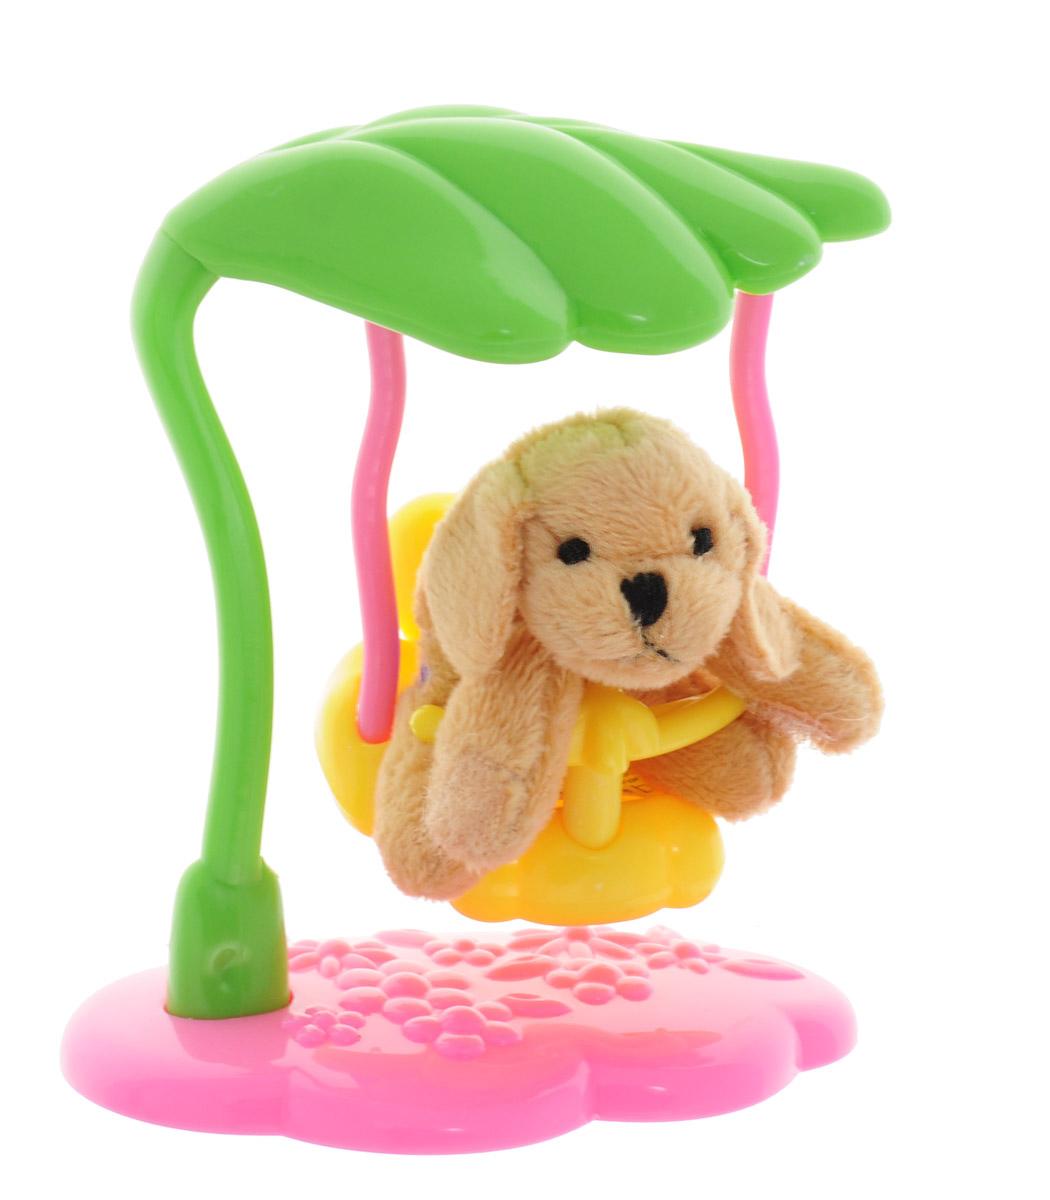 Beanzees Мягкая игрушка Собачка Dash 5 смB32021Очаровательная мягкая игрушка Beanzees Собачка Dash подарит своей владелице море позитивных эмоций. Собачку можно раскачивать на качелях, или играть с ней отдельно. Мягкие игрушки Beanzees - крошечные плюшевые животные. С помощью липучек на лапках зверюшек можно скреплять игрушки в браслеты и ожерелья или просто украсить комнату гирляндой из них. Животики фигурок заполнены гранулами, что делает их очень приятными на ощупь, развивает тактильные ощущения и помогает снять эмоциональное напряжение!